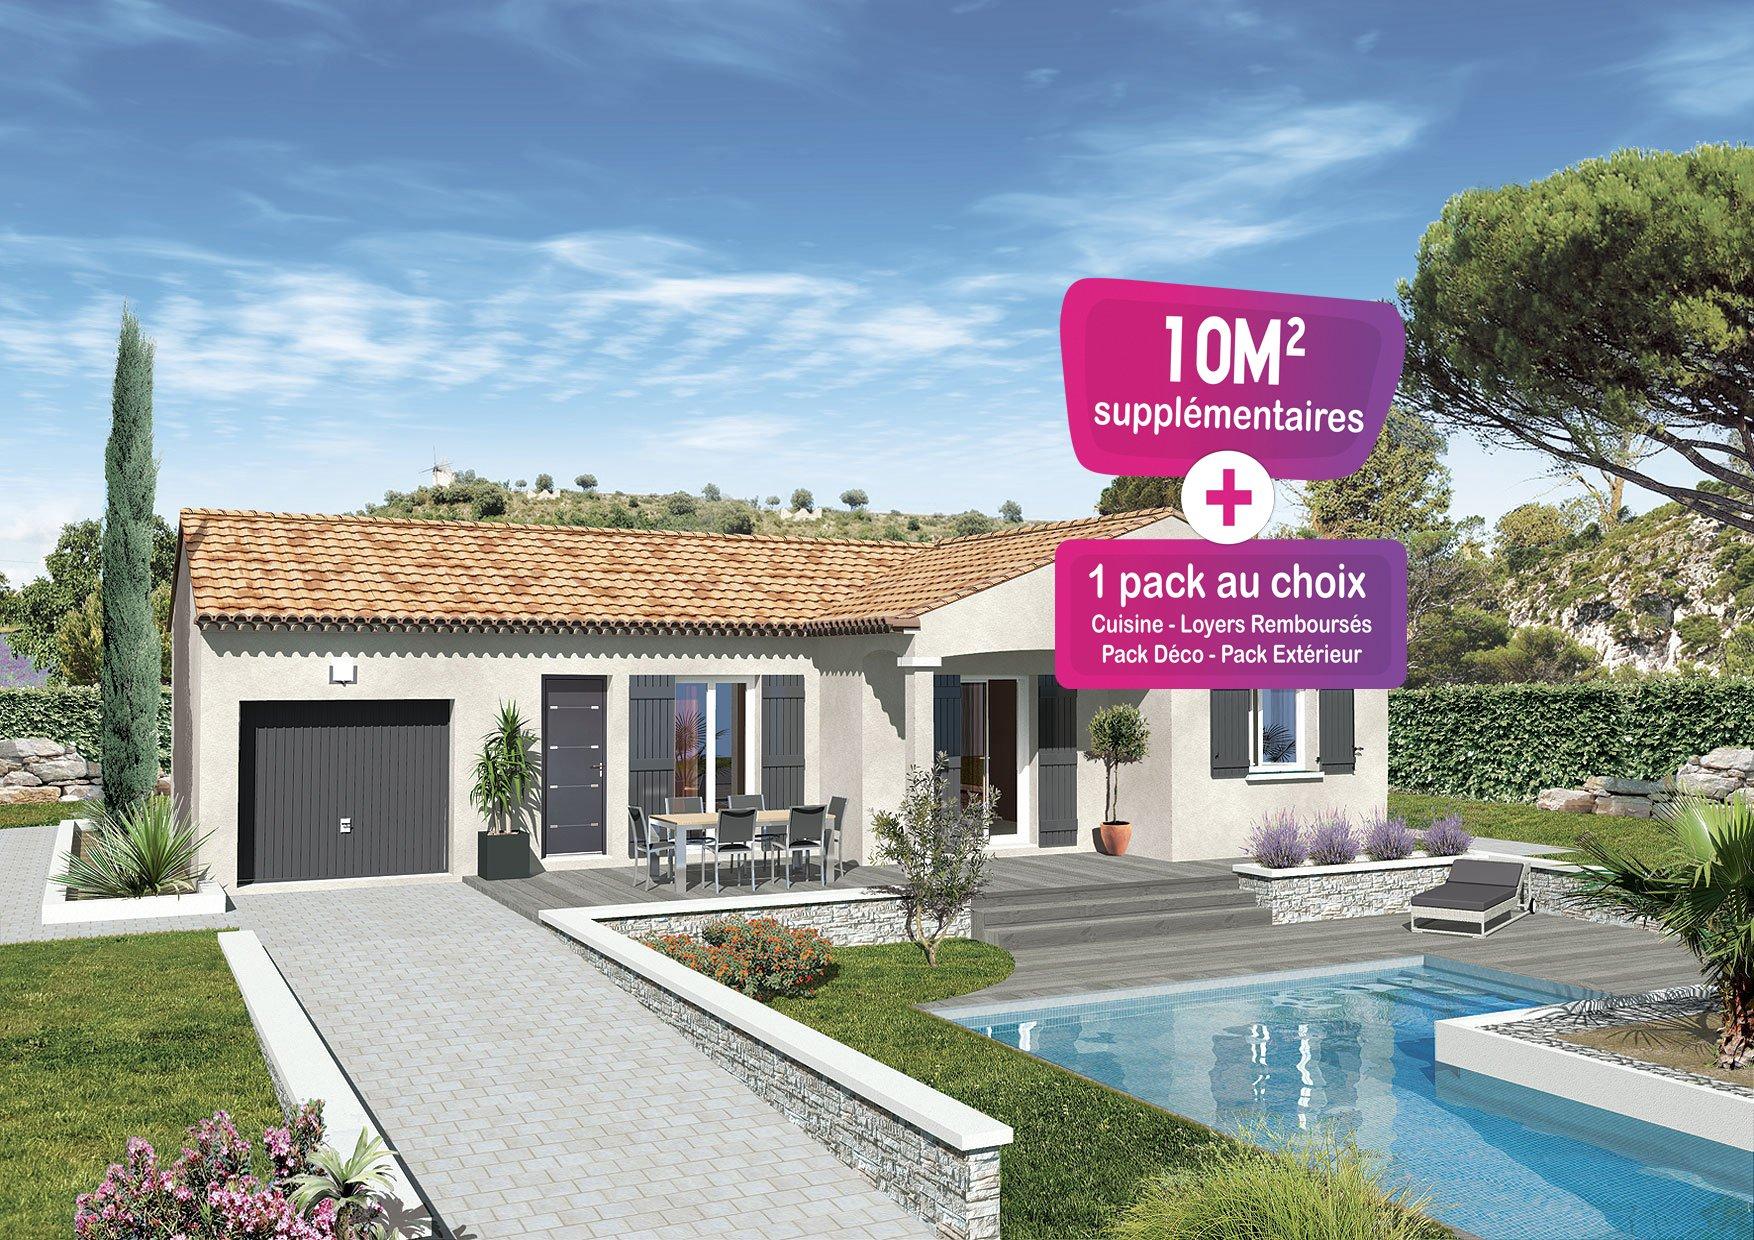 Maisons + Terrains du constructeur MAISONS PUNCH • 83 m² • ROQUEMAURE